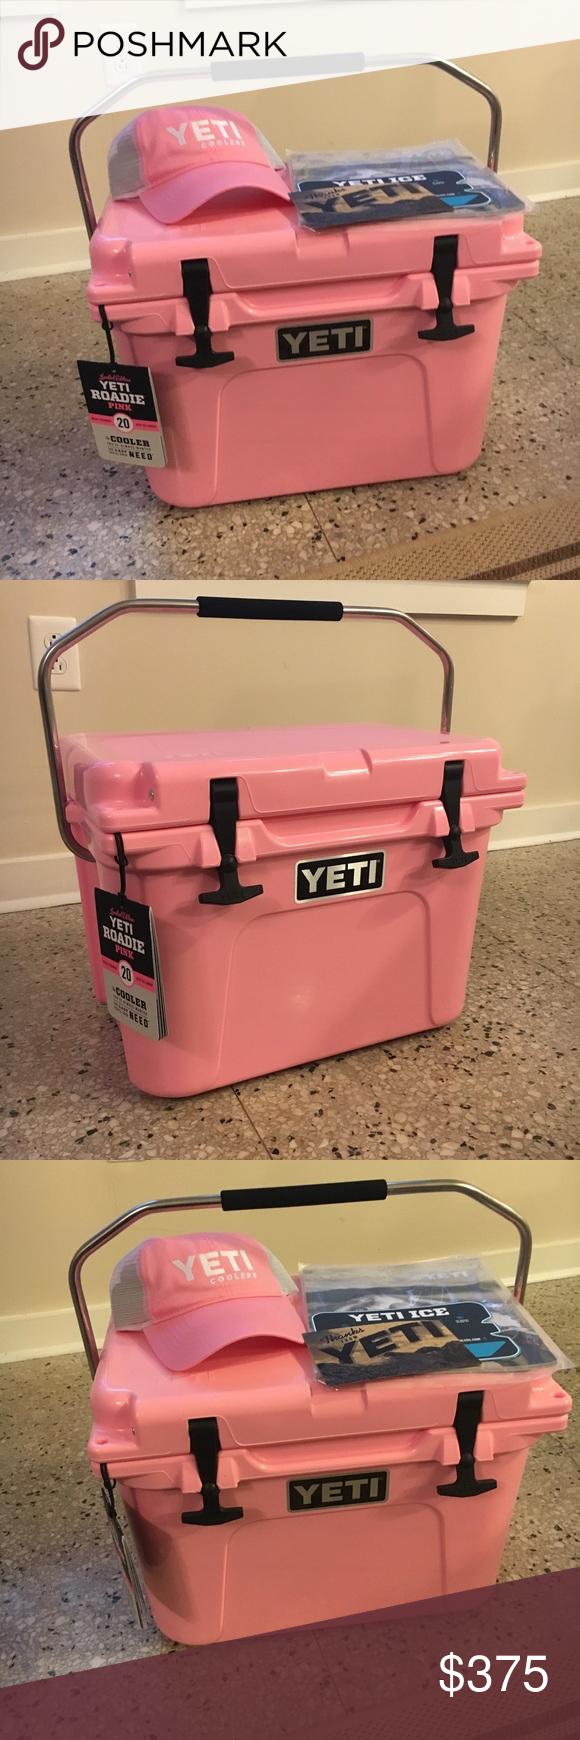 Pending Sale Pink Yeti Roadie Pink Yeti Yeti Roadie Cooler